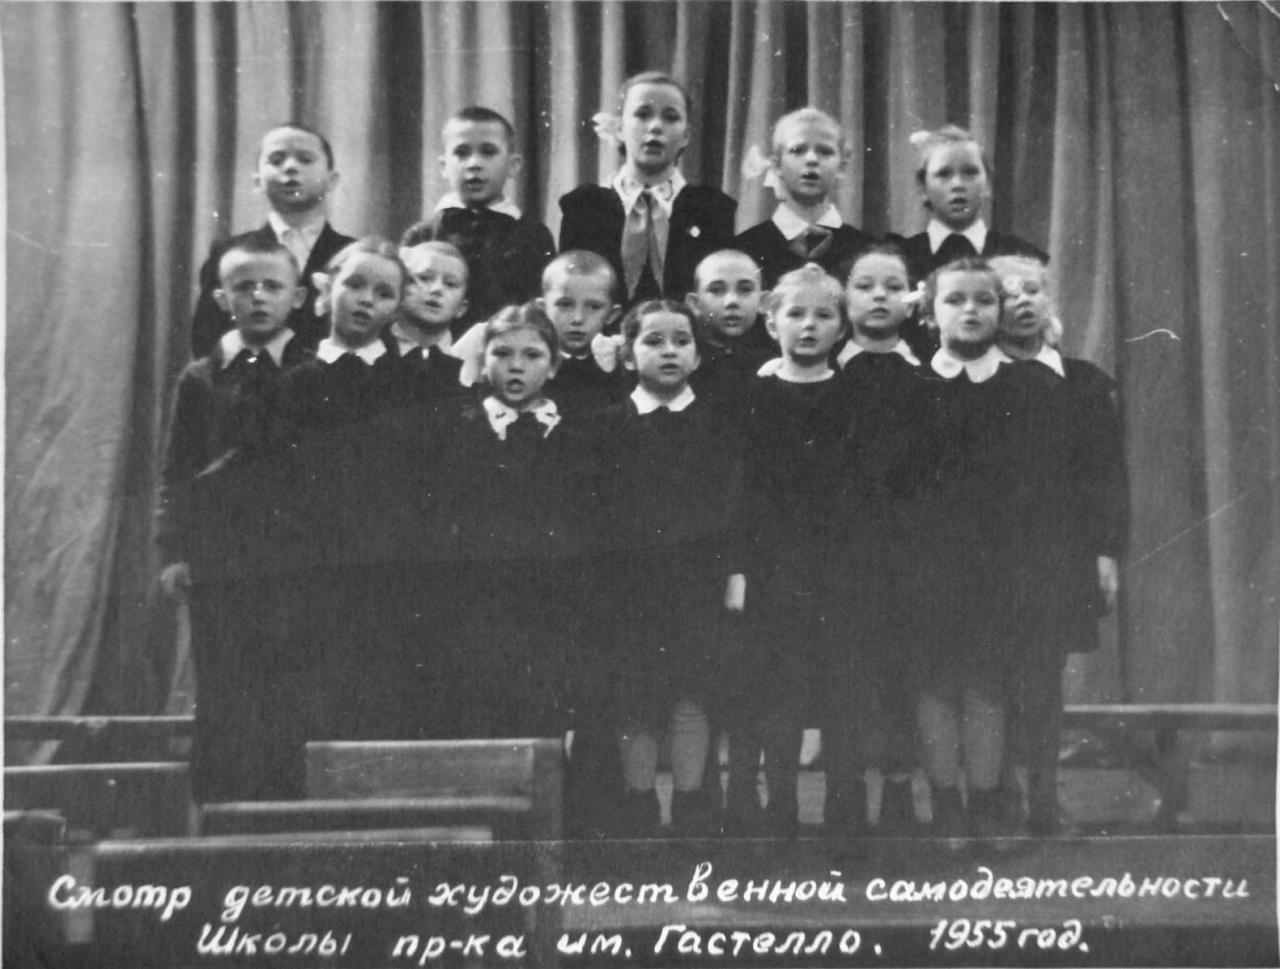 Смотр детской художественной самодеятельности школы прииска имени Гастелло. 1955 год.